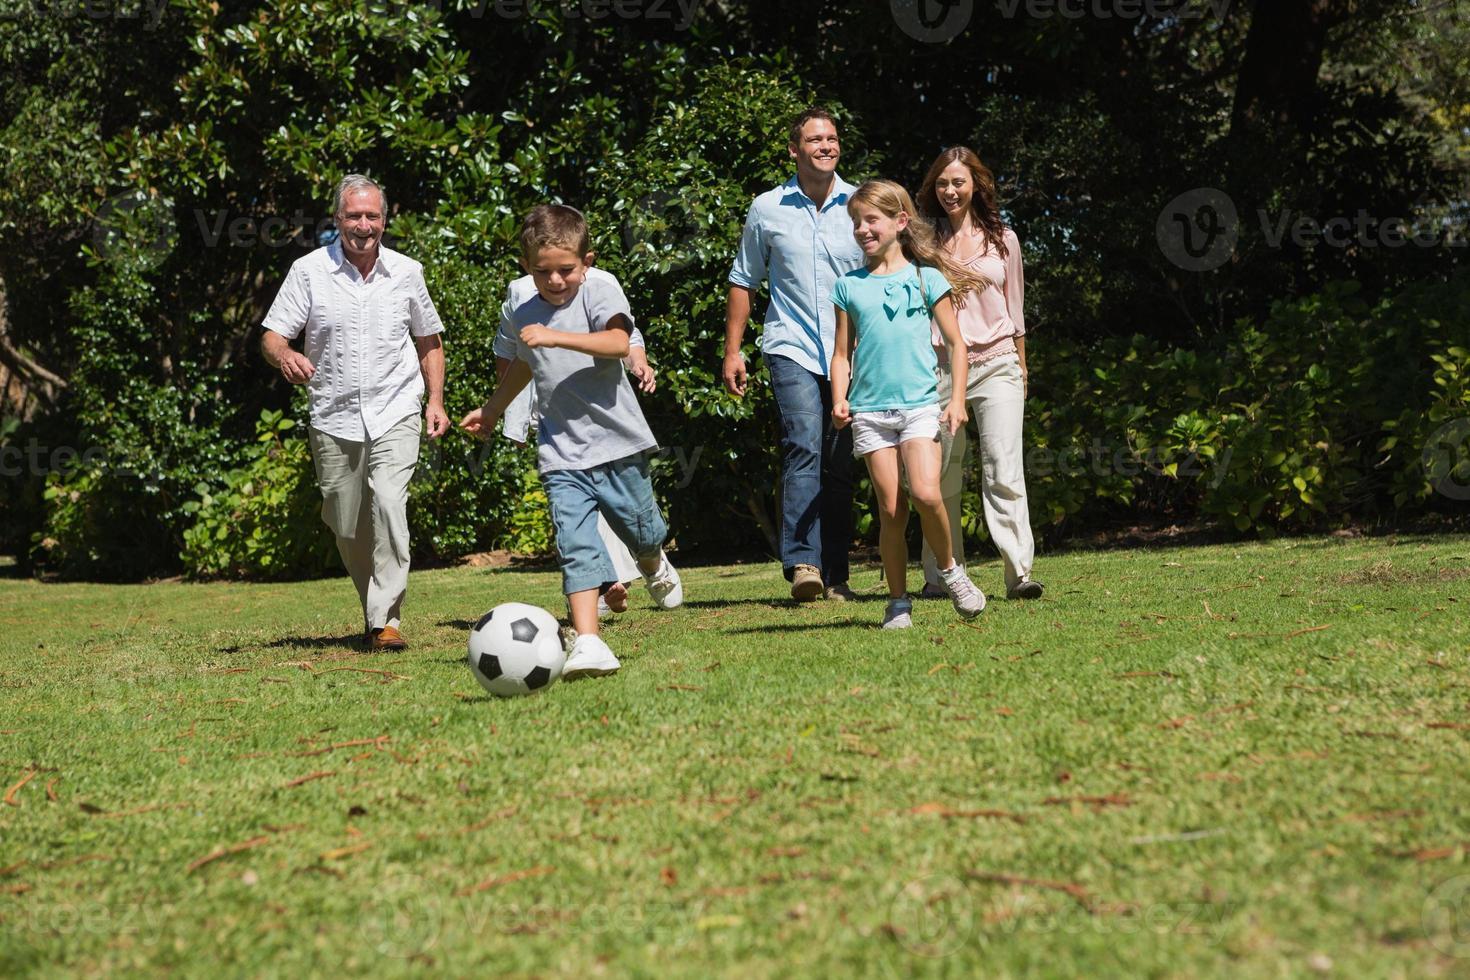 família feliz geração multi jogando futebol foto